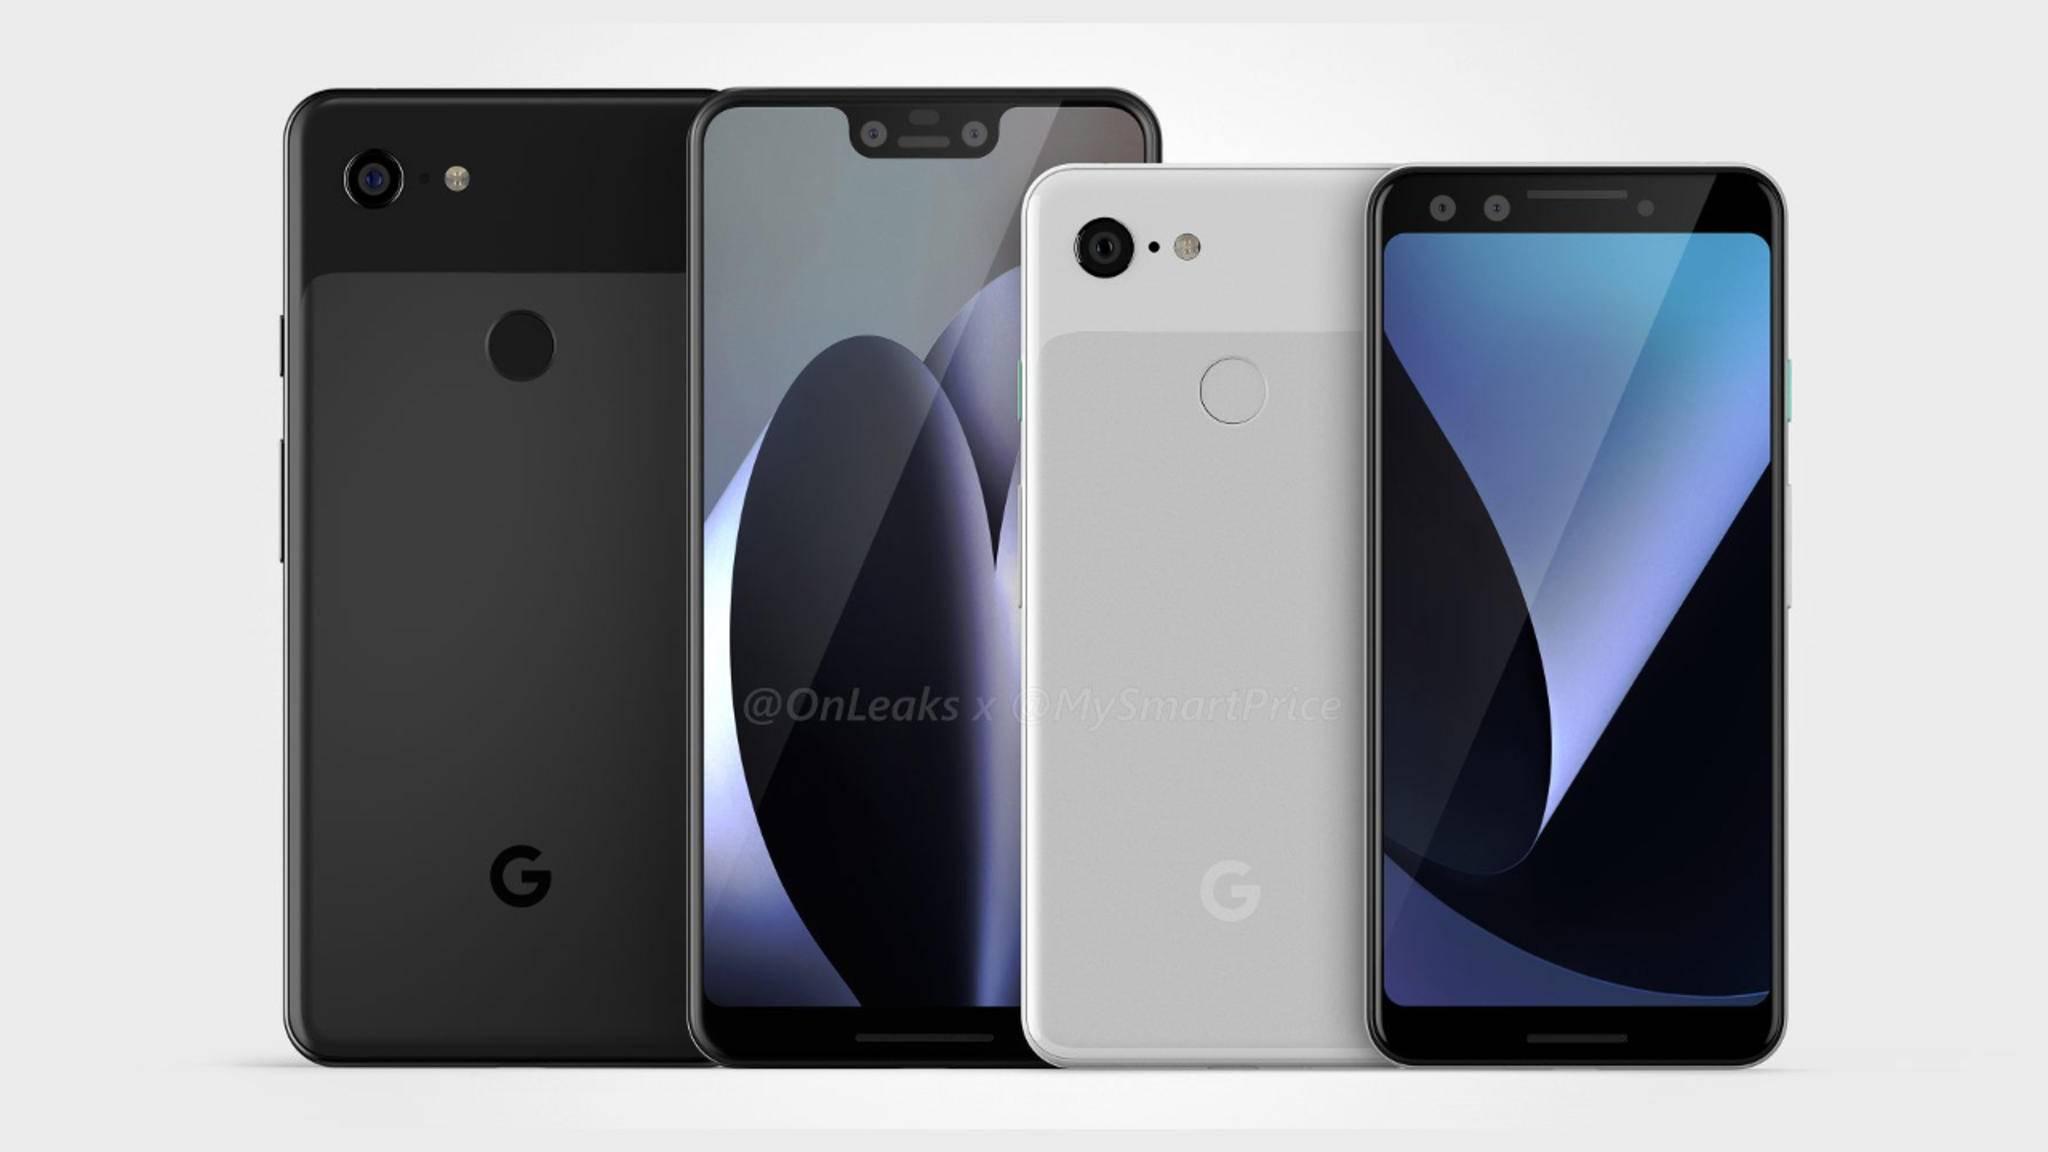 Das Google Pixel 3 könnte etwas günstiger werden als die aktuellen Flaggschiffmodelle von Apple und Samsung.